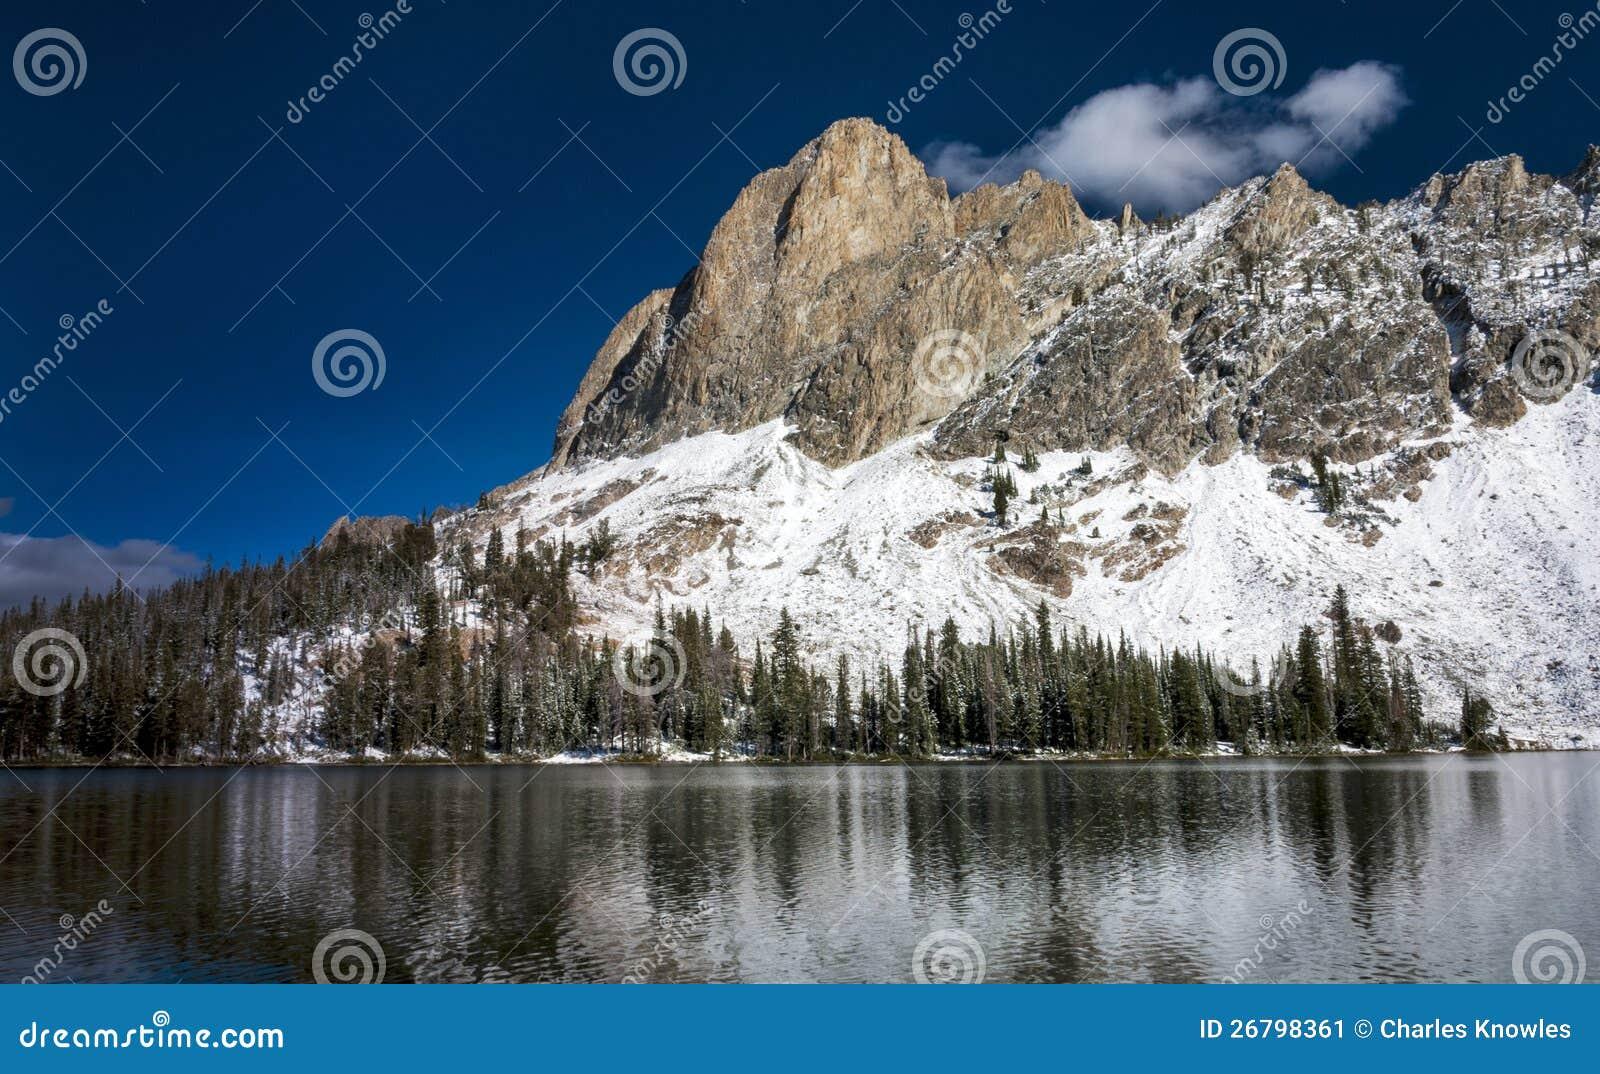 winter snow lake mountain - photo #15